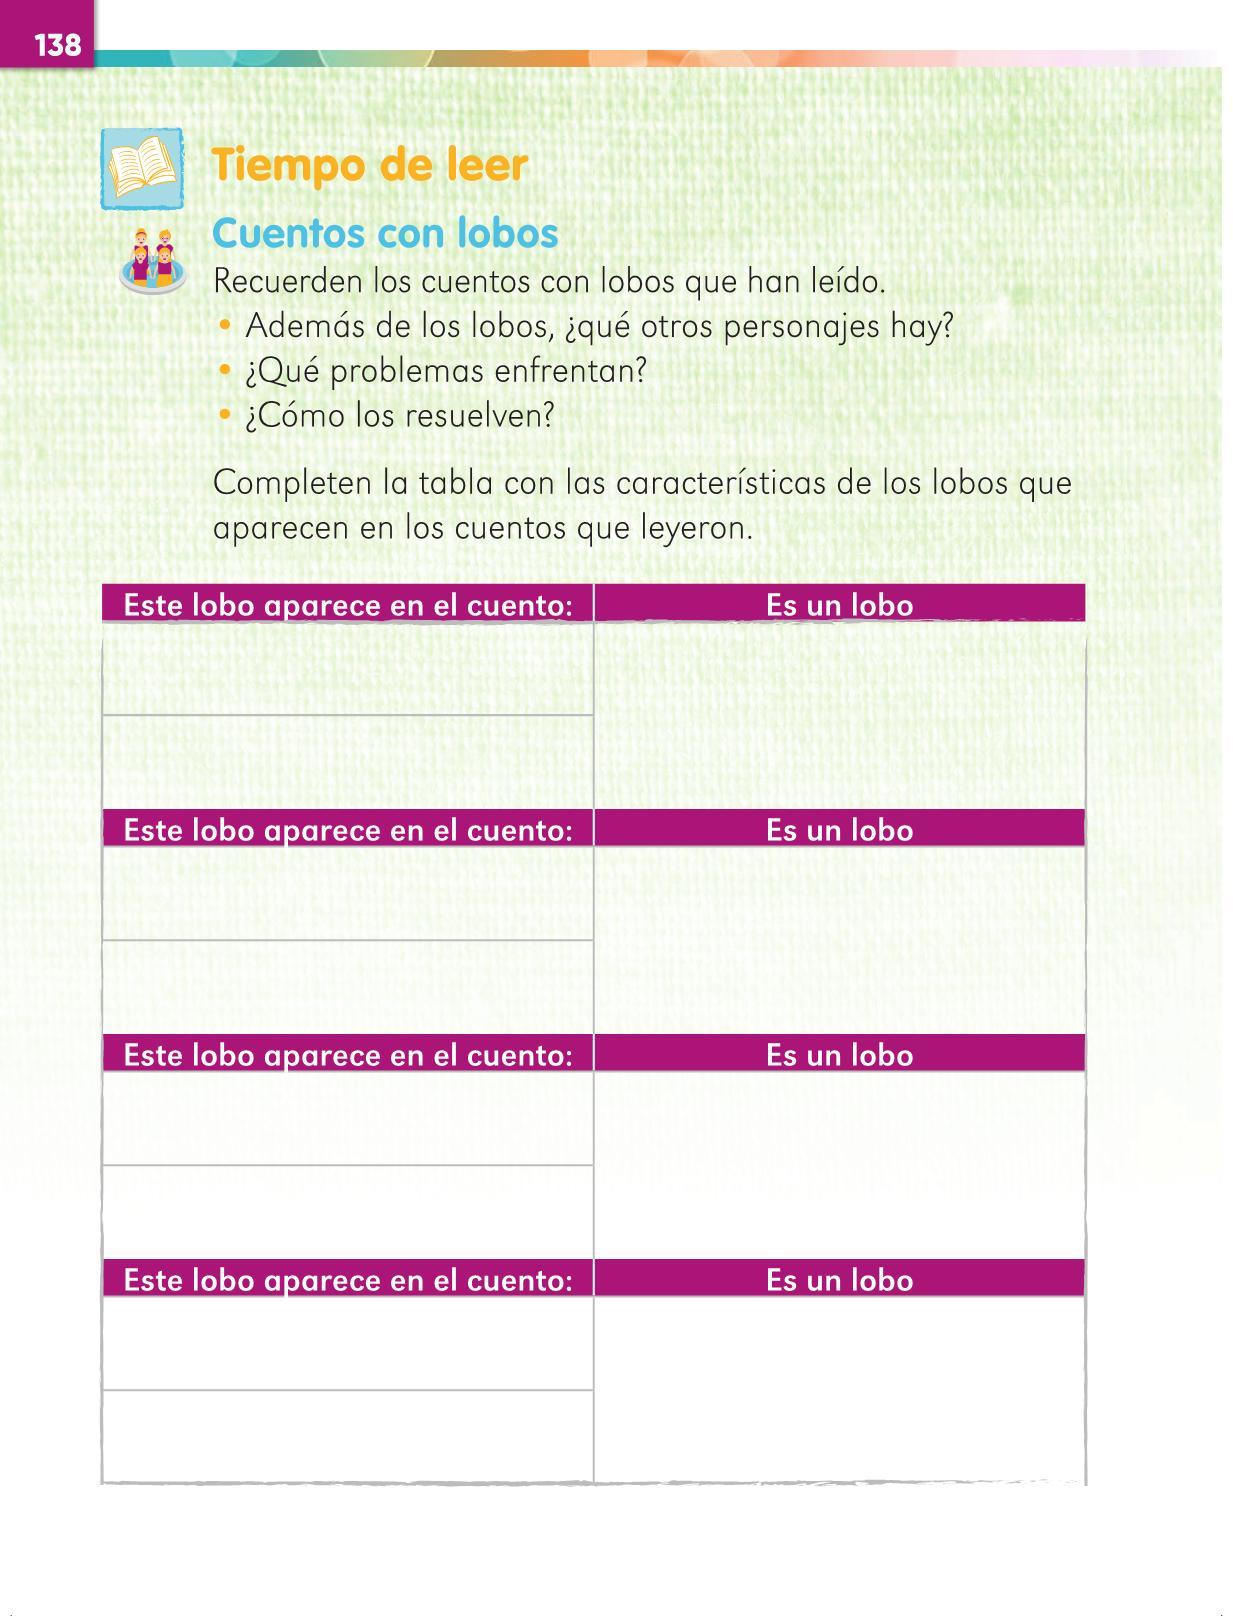 Lengua Materna Español Primer grado página 138